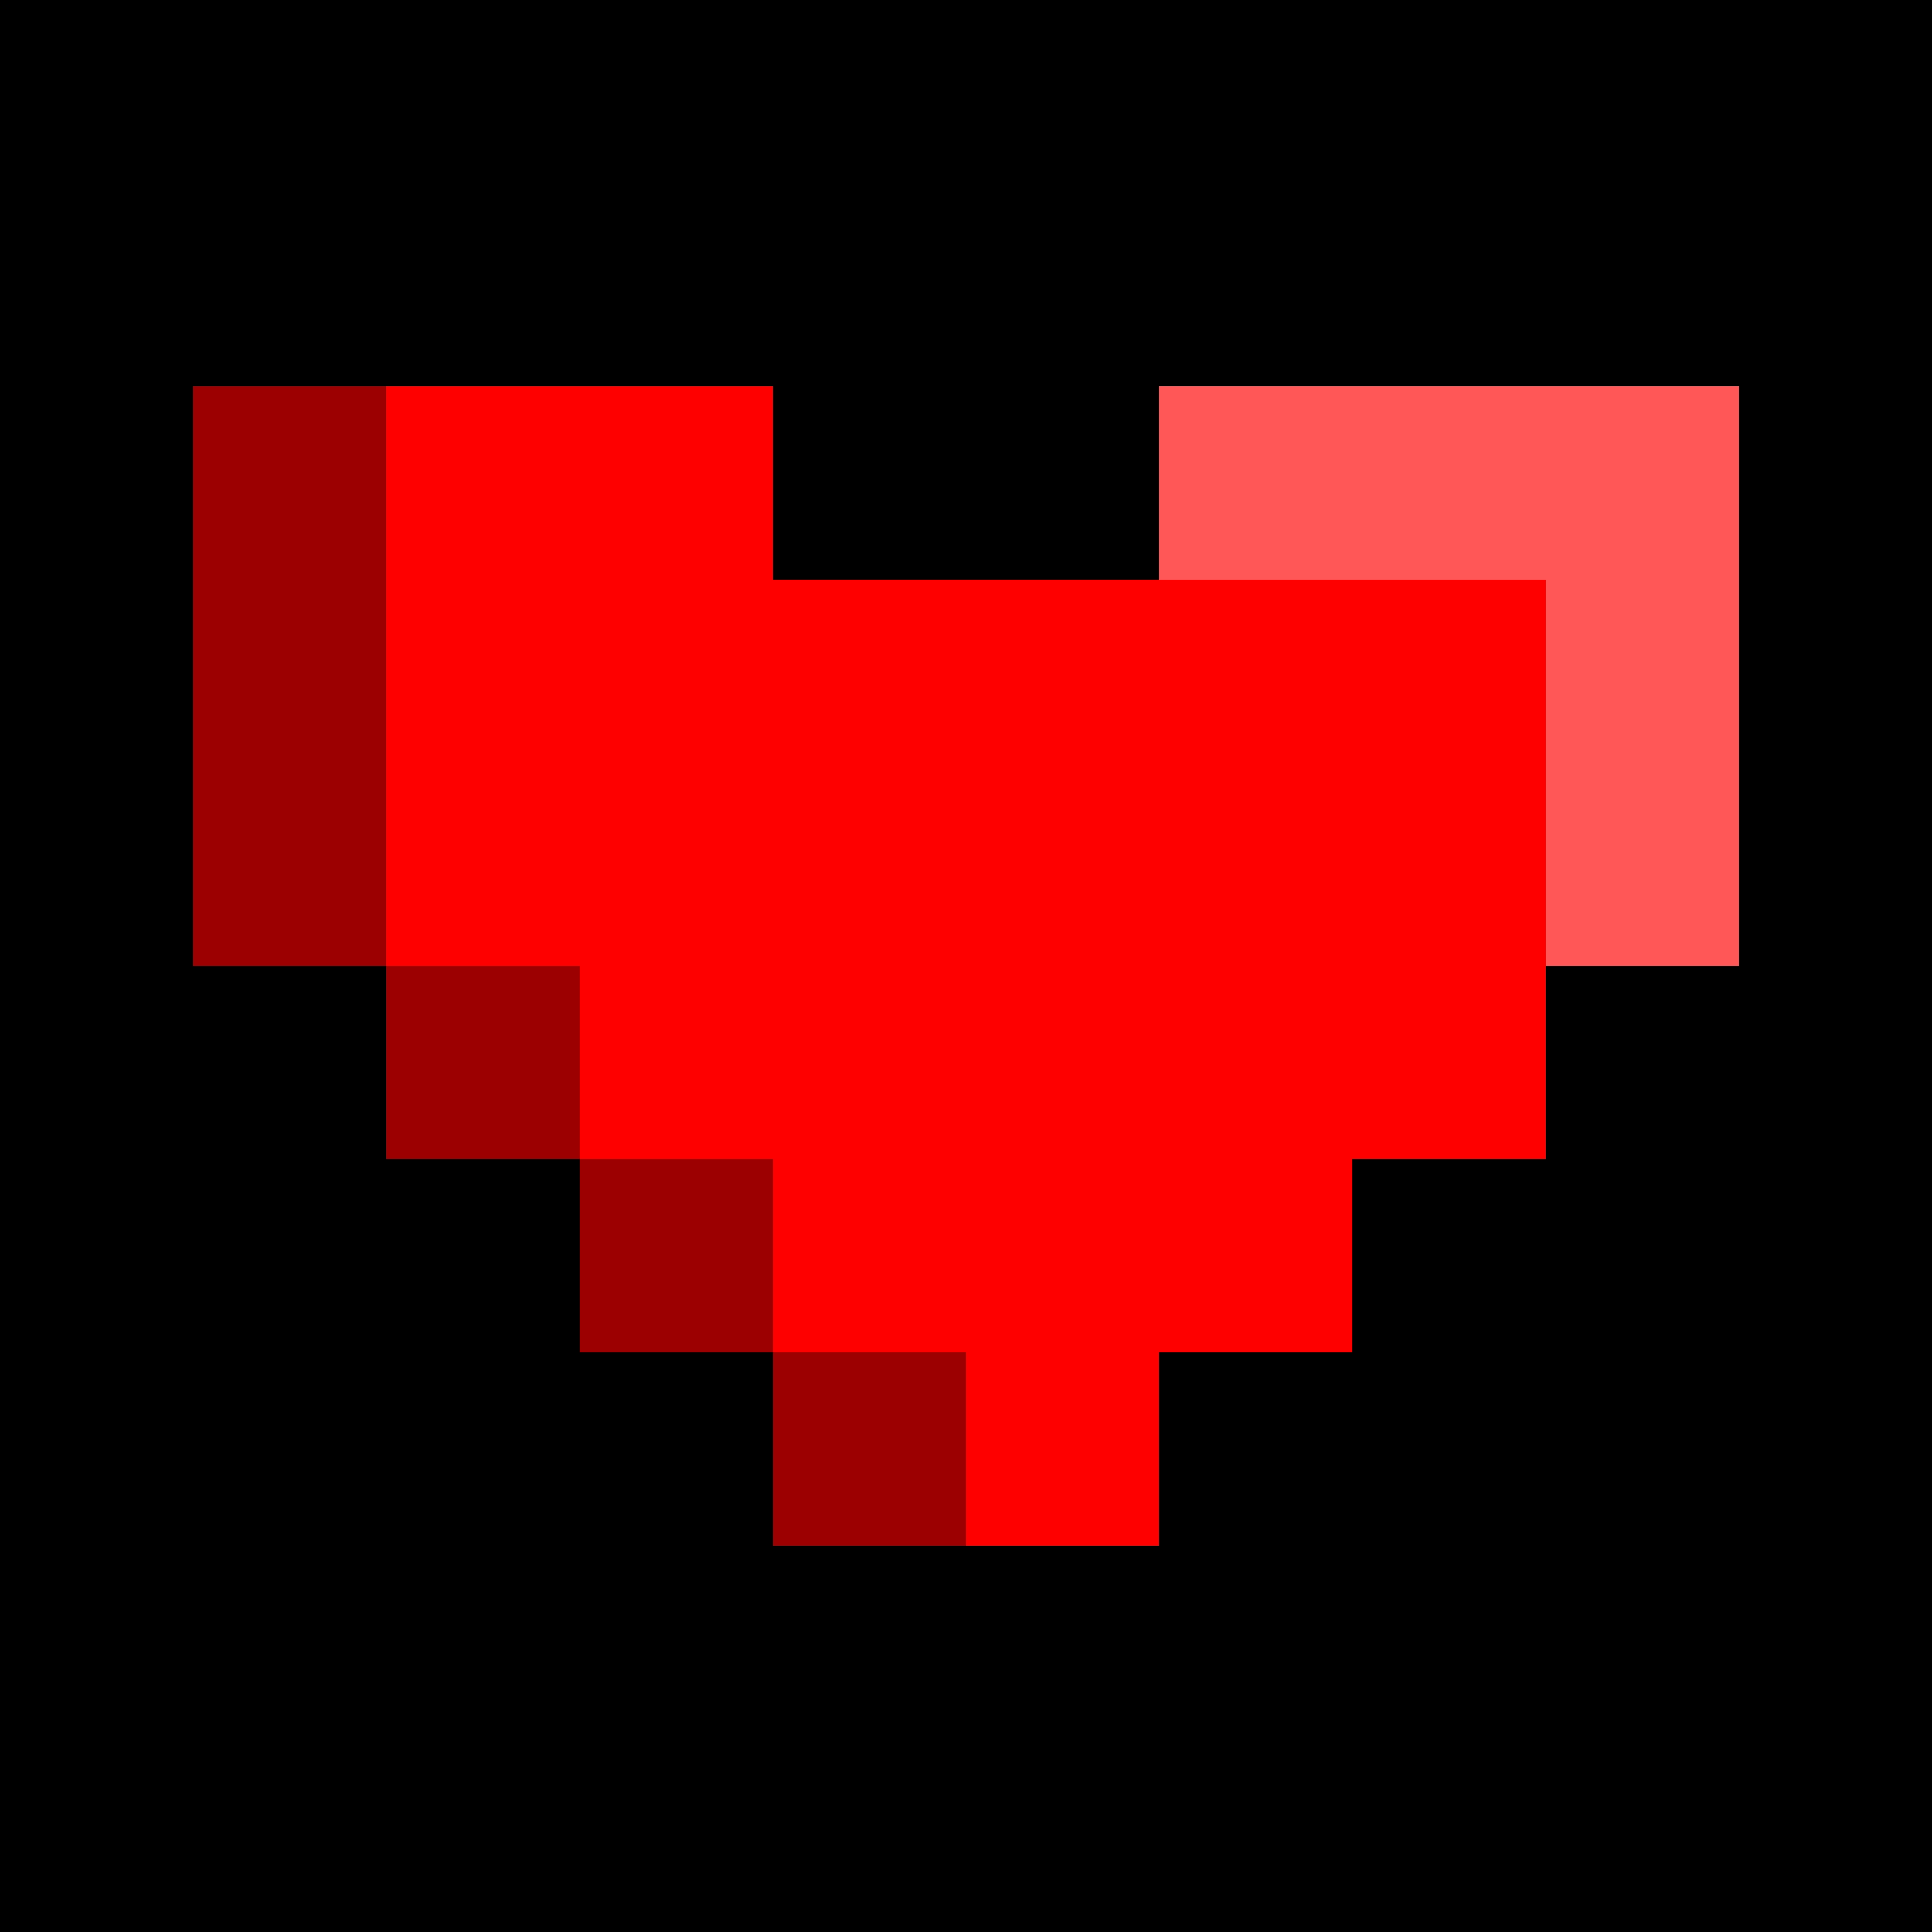 8 Bit clipart Heart 8Bit 8Bit Heart Clipart